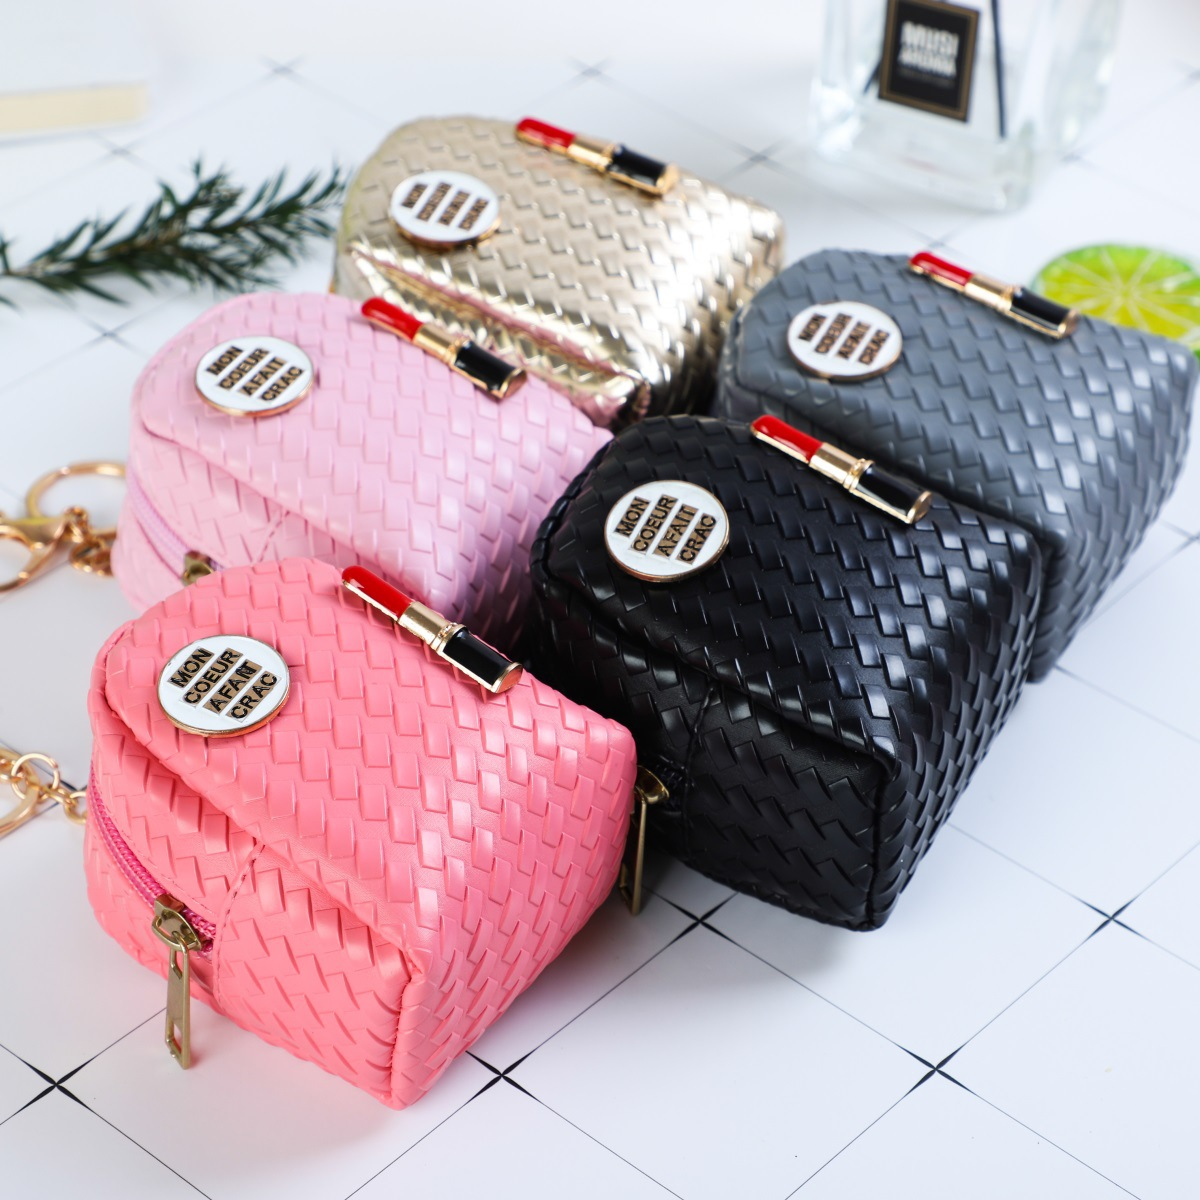 Korean-style Zipper Tassels Cute Backpack Modeling Wallet Hanging Buckle Mini Purse Lipstick Purse Key